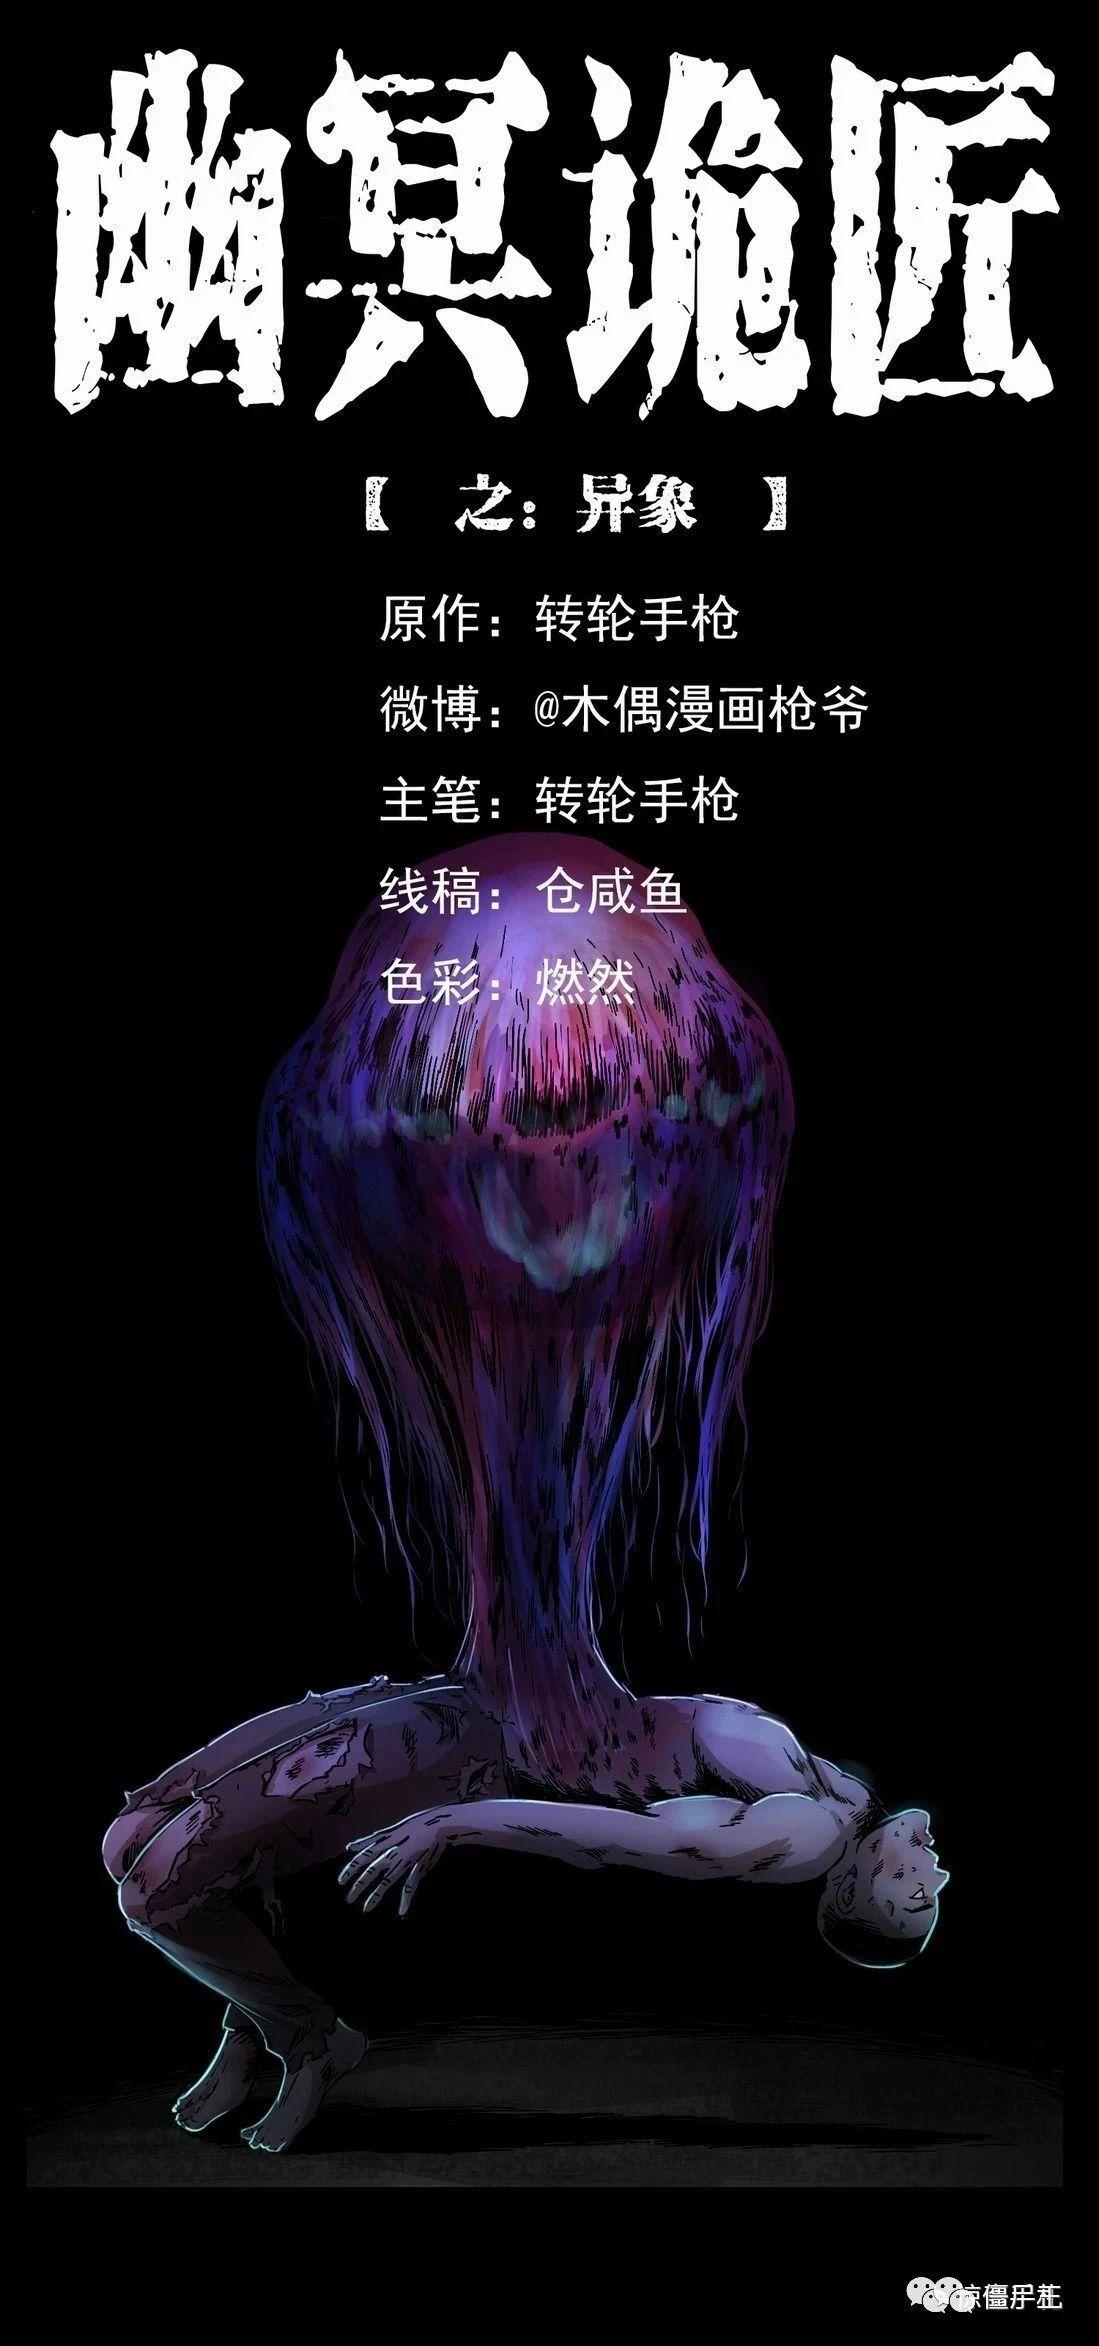 僵尸王漫画:幽冥诡匠之异象